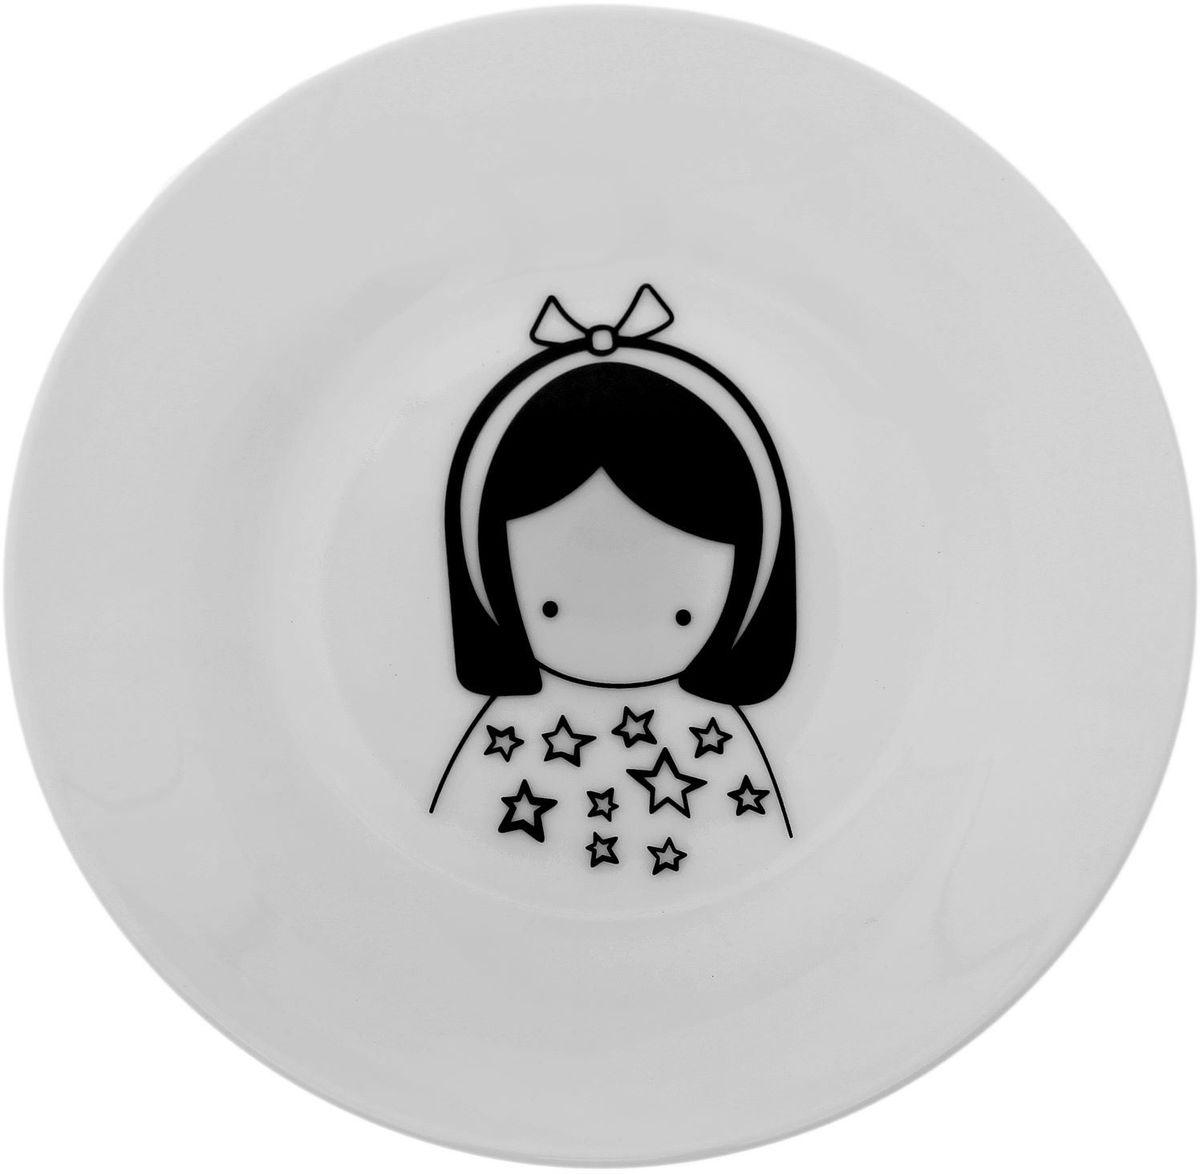 Тарелка мелкая Сотвори чудо Куколка, диаметр 15,5 см115610Хотите обновить интерьер кухни или гостиной? Устраиваете необычную фотосессию или тематический праздник? А может, просто ищете подарок для близкого человека? Посуда Сотвори Чудо — правильный выбор в любой ситуации. Тарелка Сотвори Чудо, изготовленная из изящного фаянса нежного сливочного цвета, оформлена оригинальным рисунком со стойкой краской. Пригодна для посудомоечной машины.